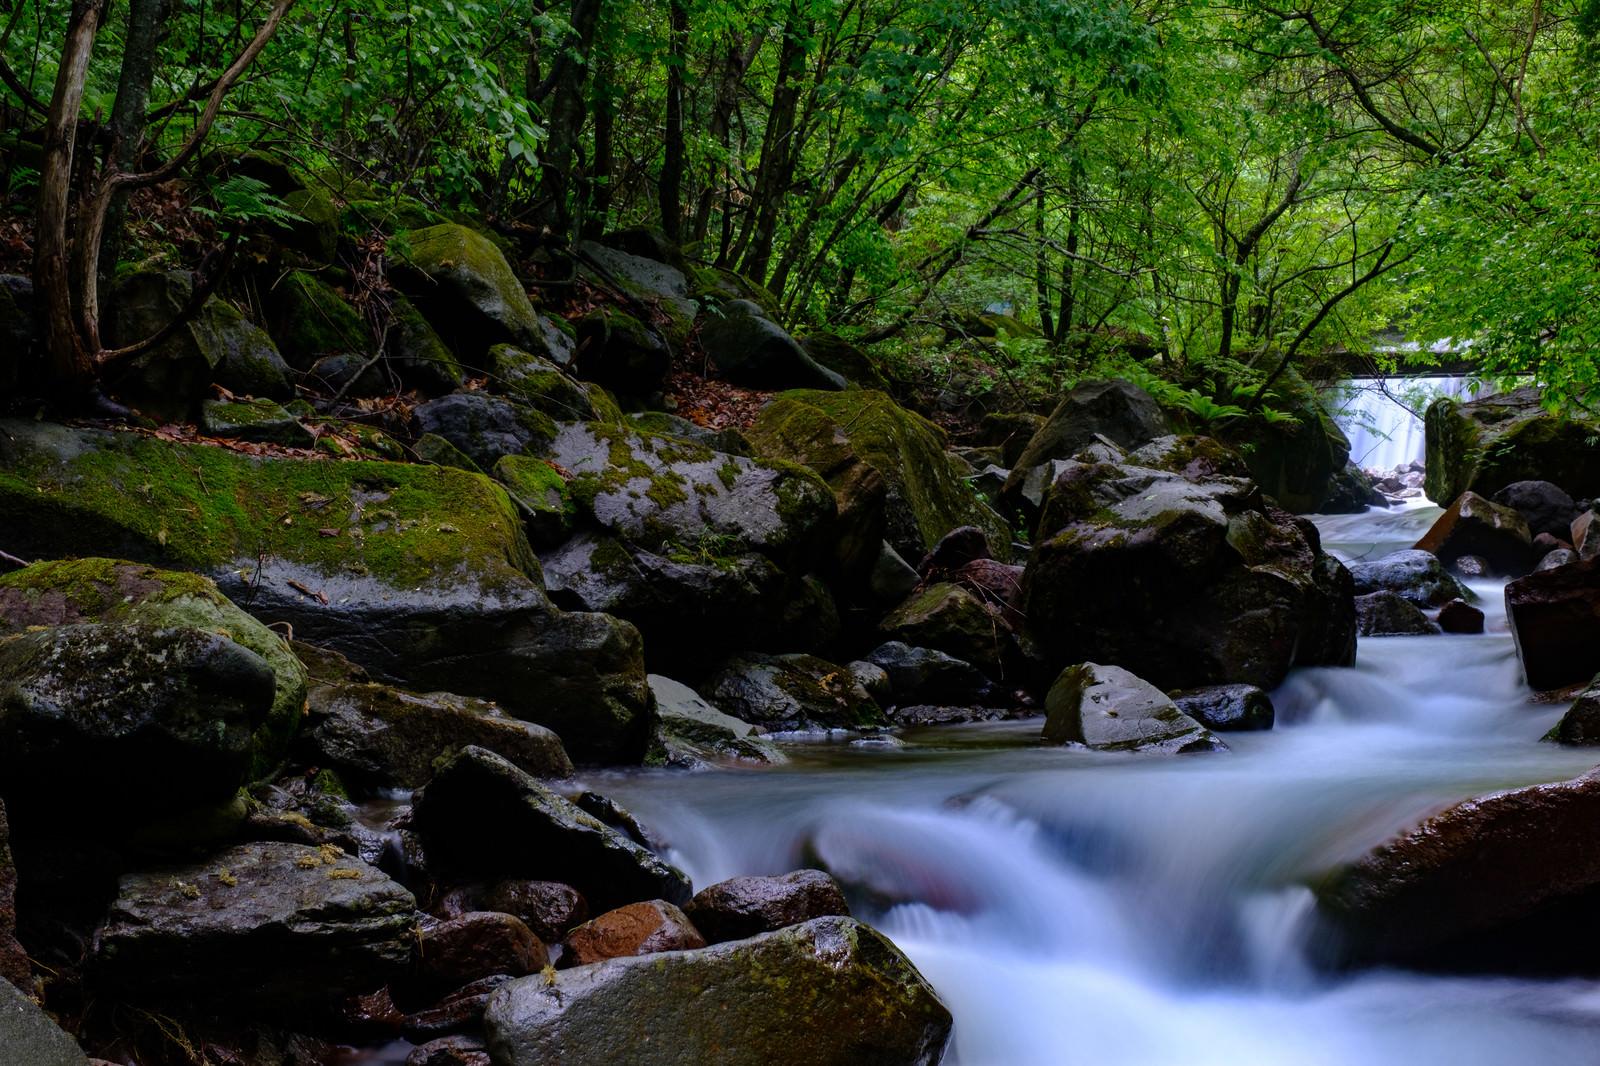 「横谷峡(ヨコヤキョウ)の渓流」の写真